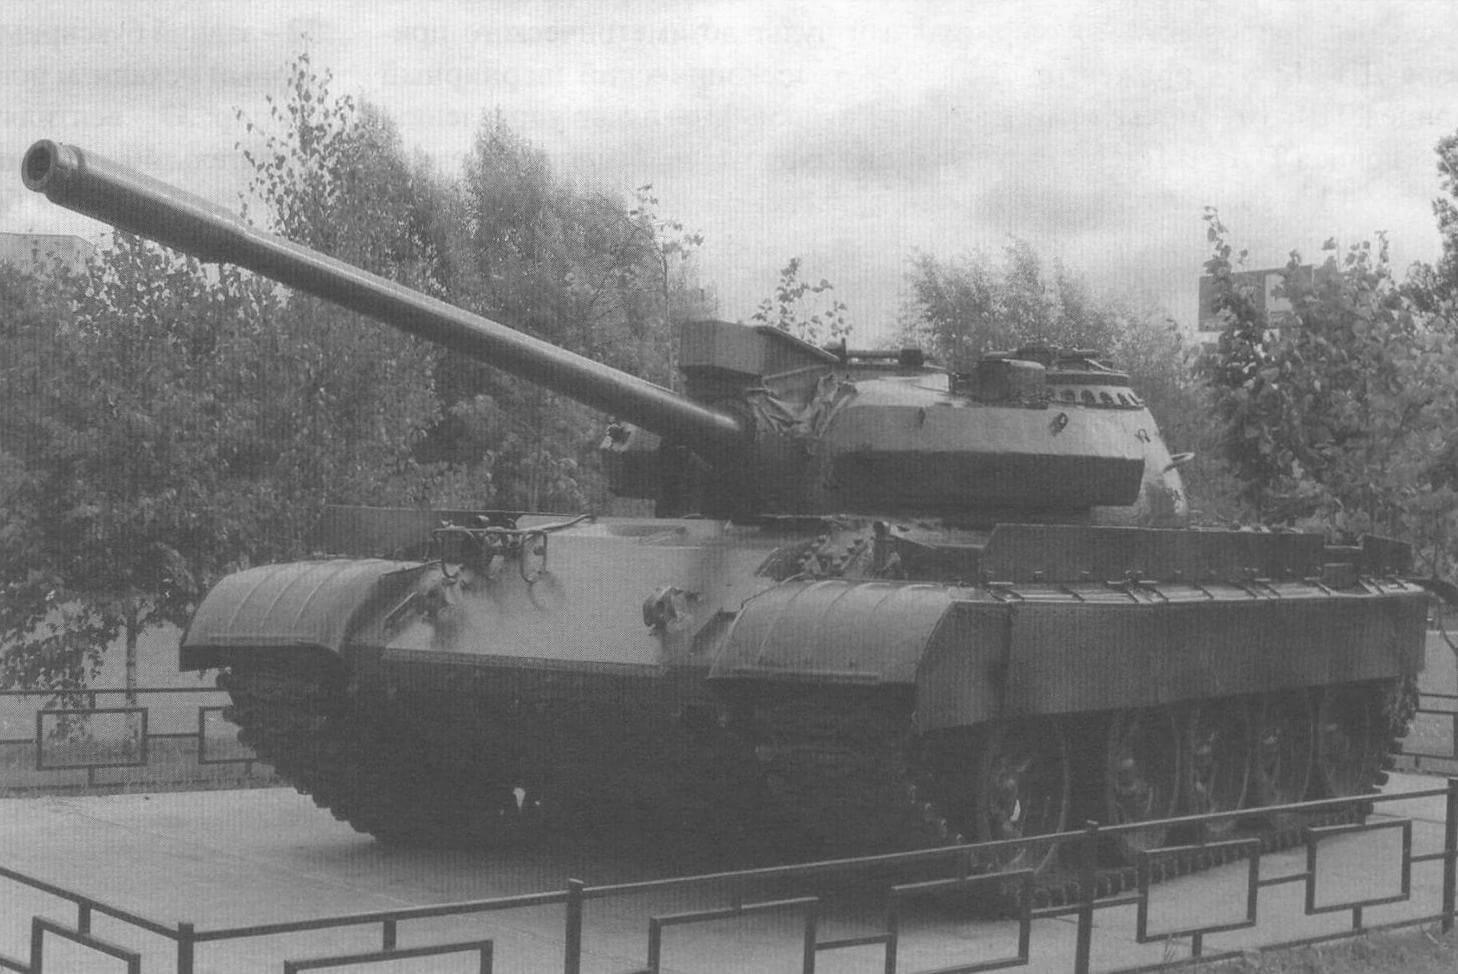 Дополнительное бронирование получил не только танк Т-62, но и его предшественник Т-55